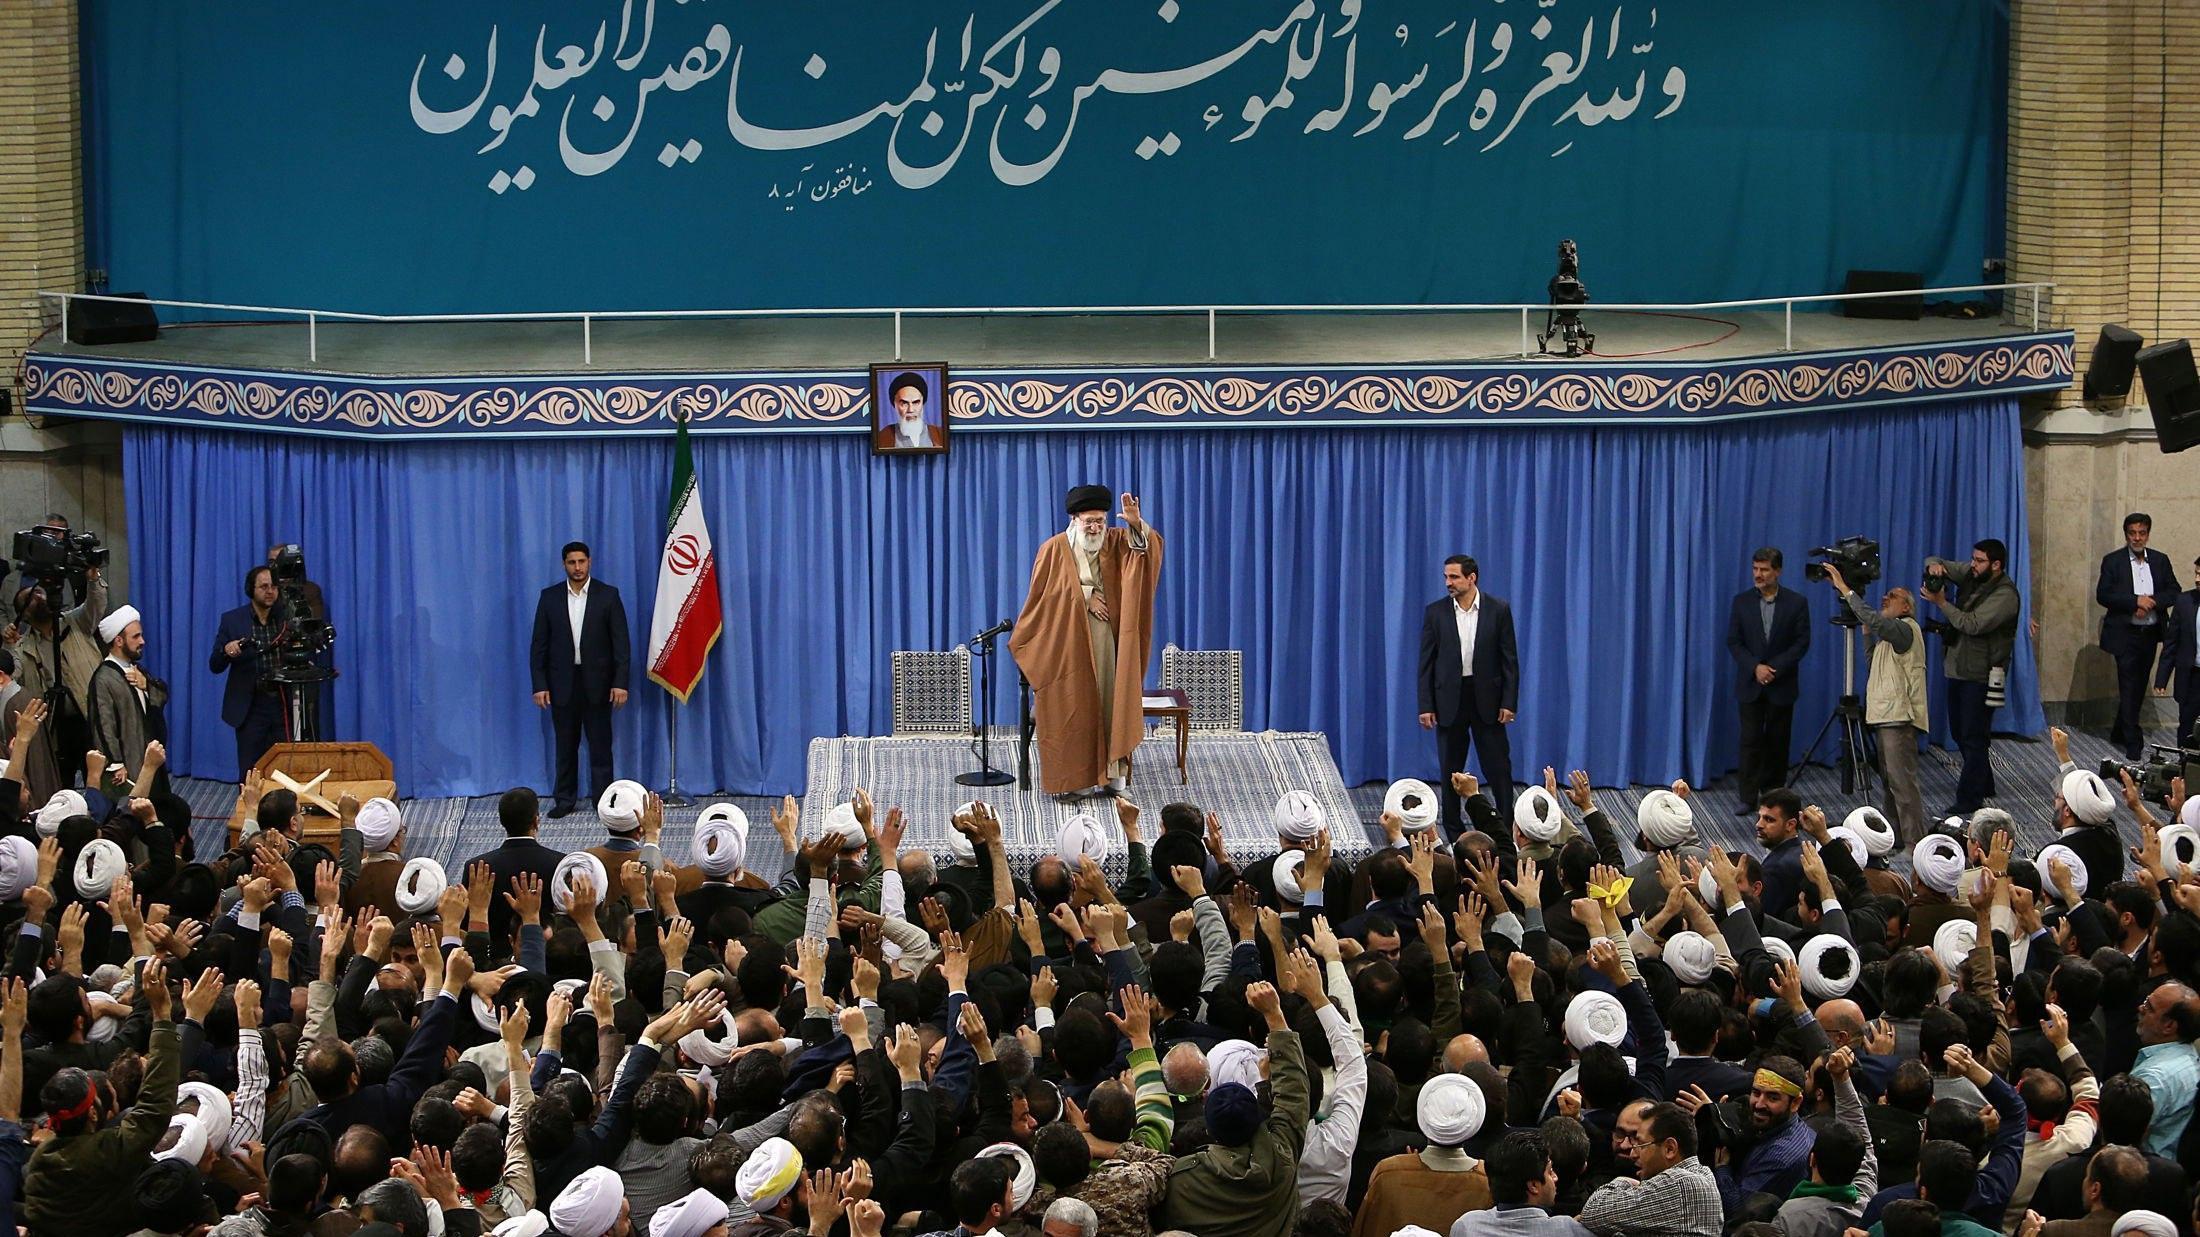 Accordo per investimenti Iran fino 5 mld